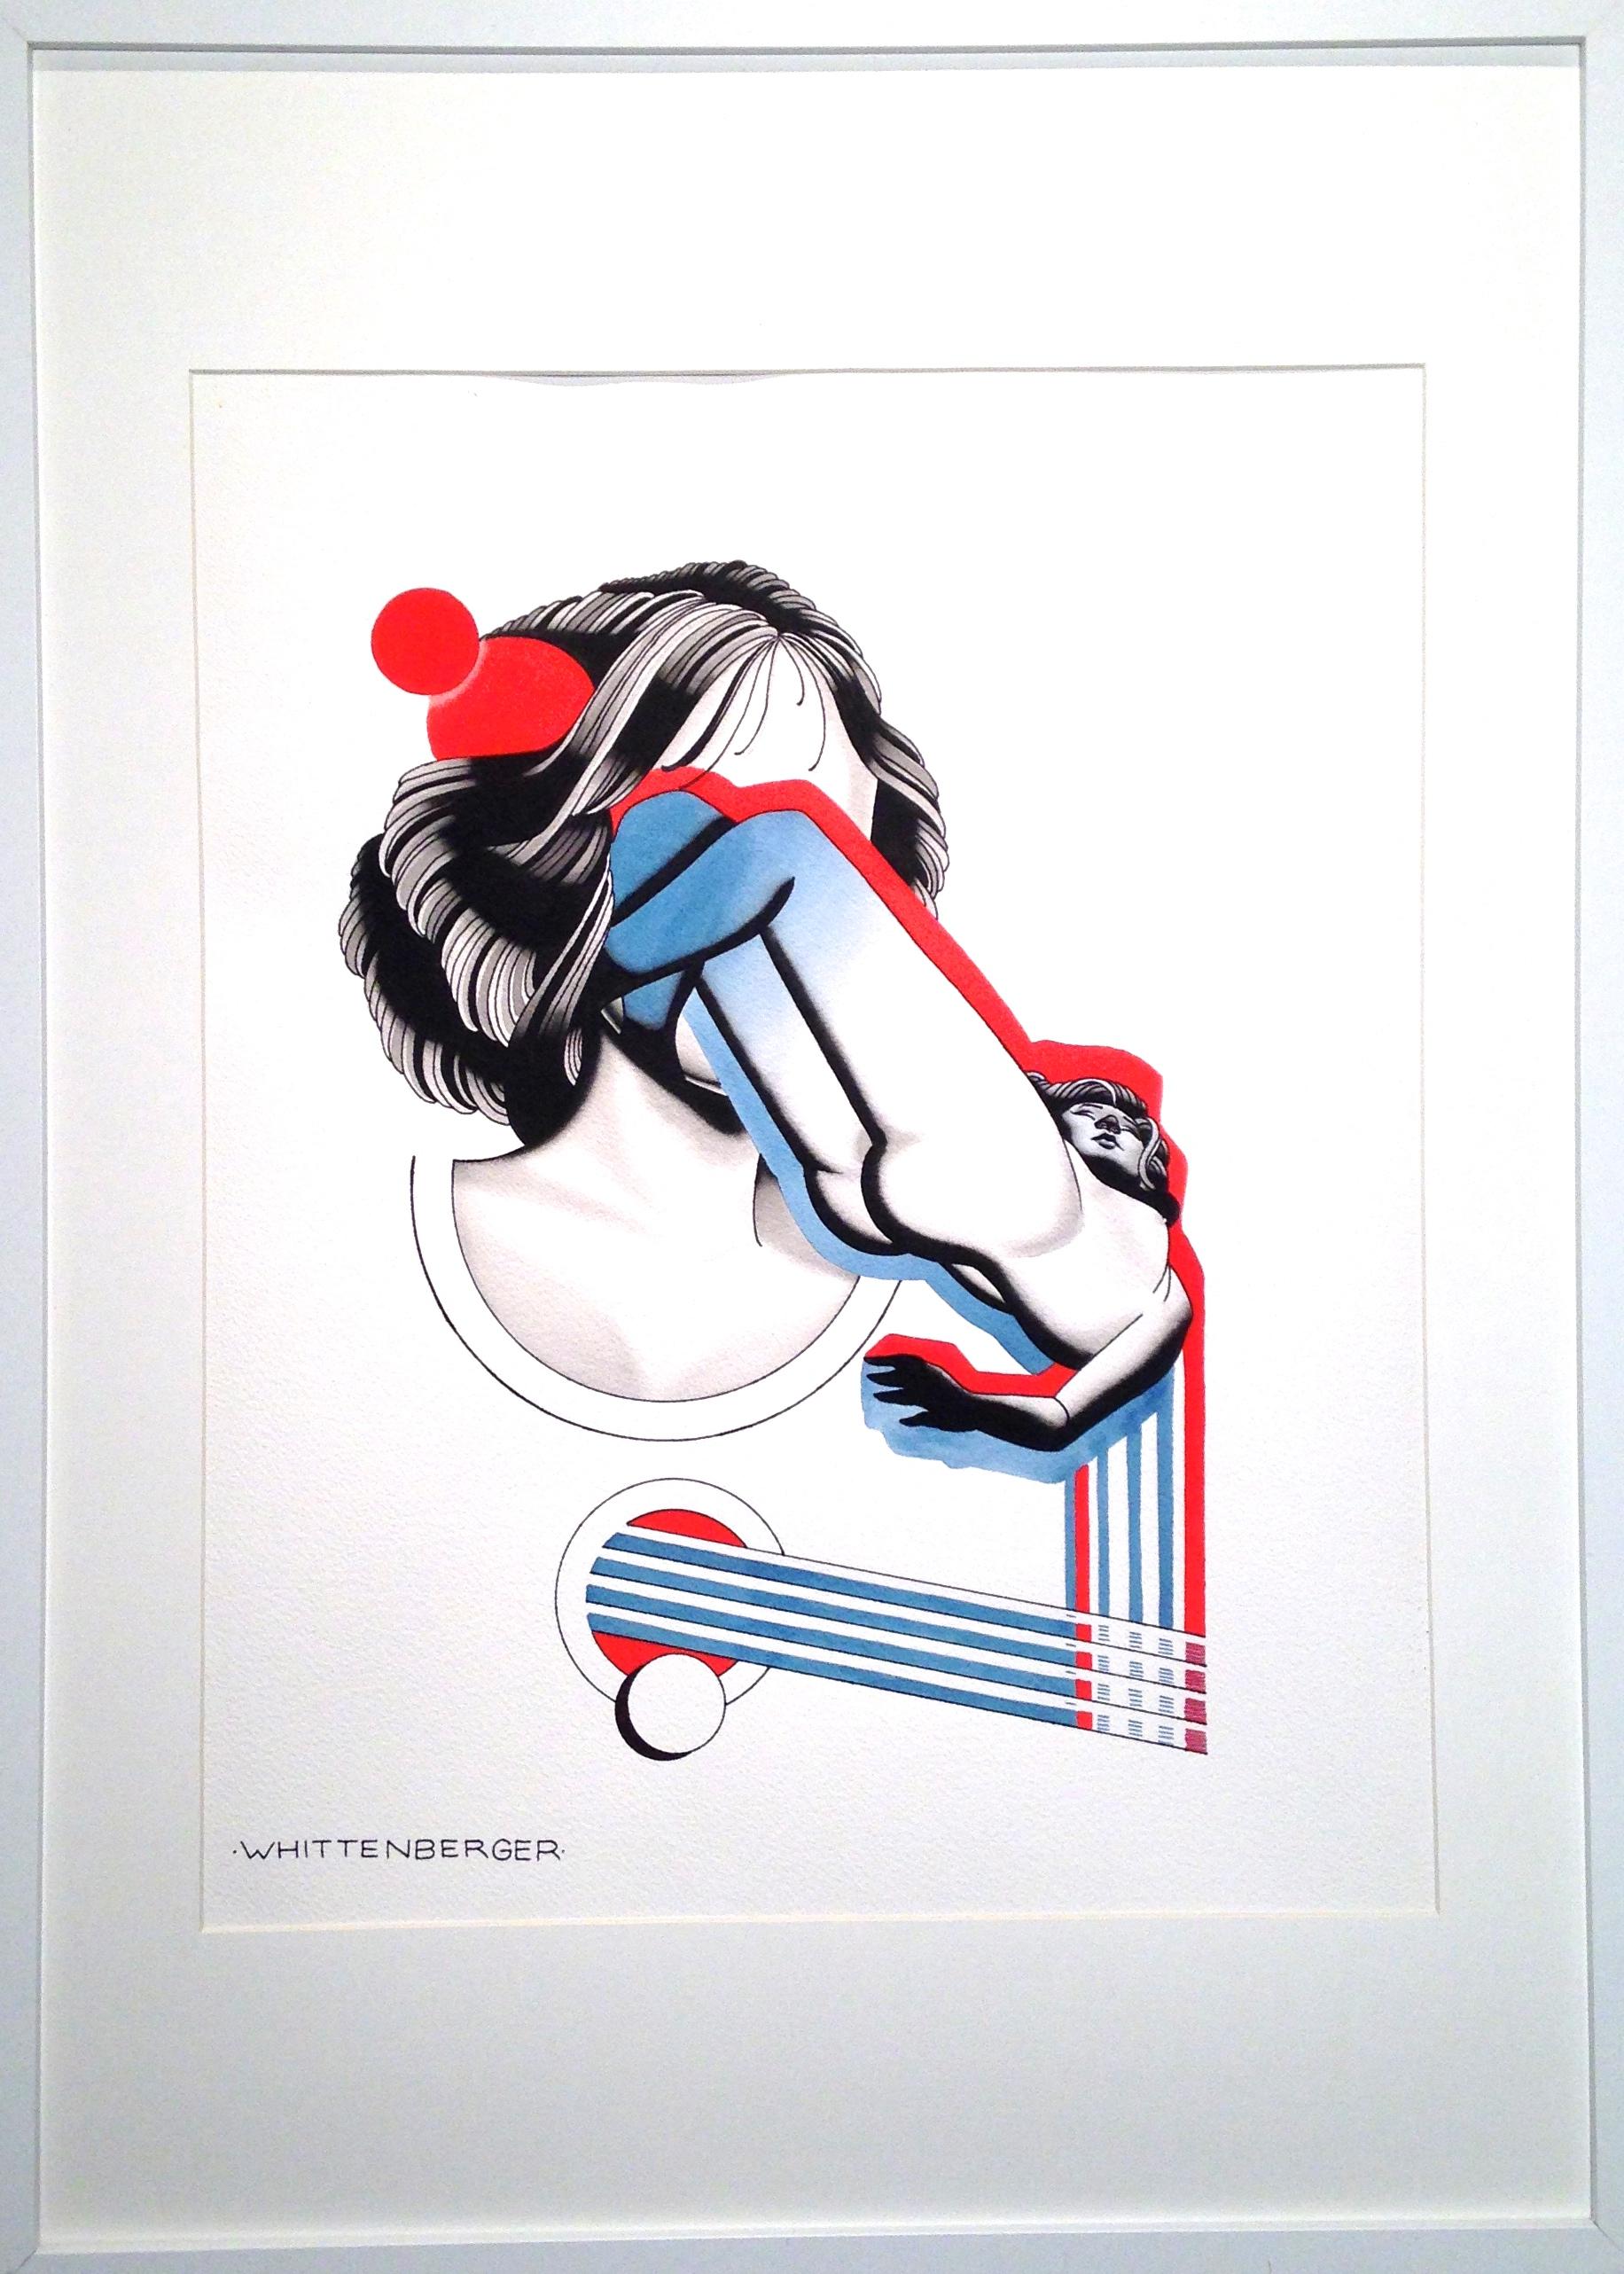 ELARA 19 in. x 27 in. framed  $400